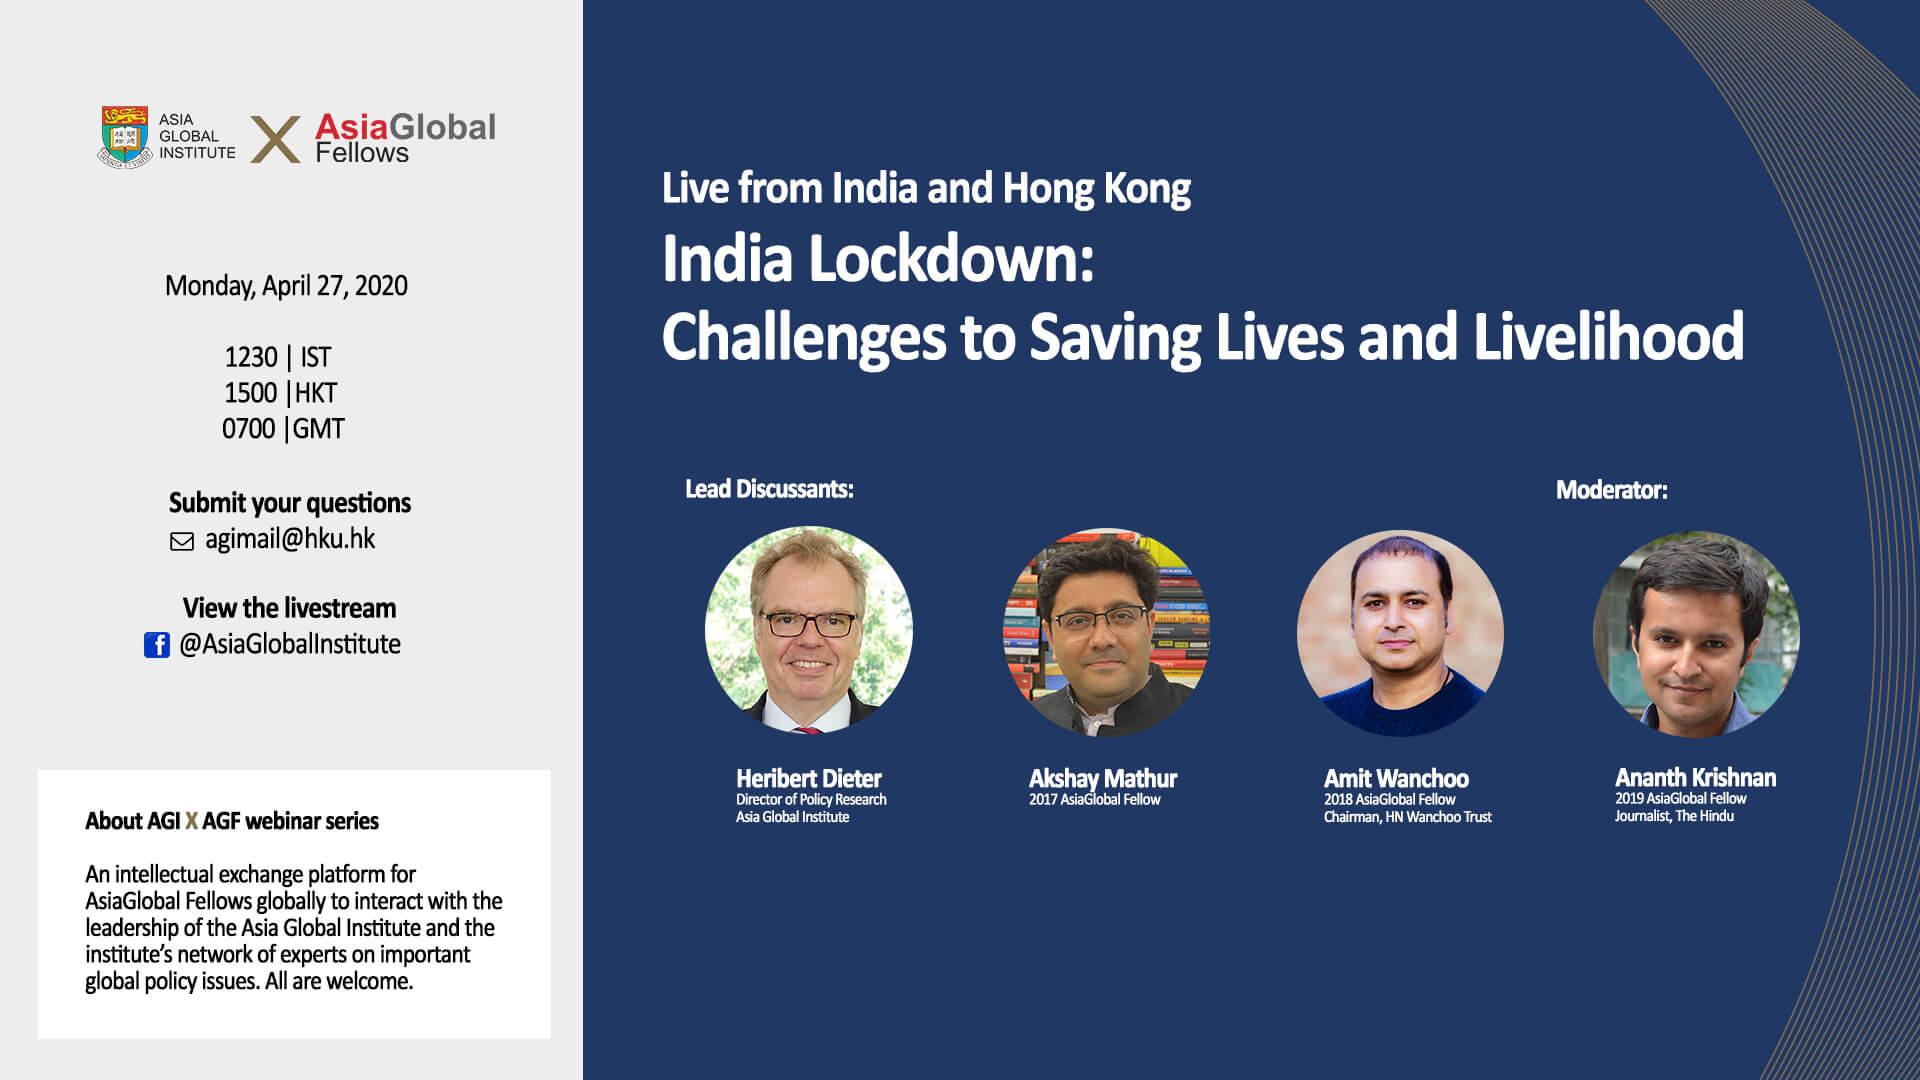 AGI x AGF Webinar: India Lockdown - Challenges to Saving Lives and Livelihood